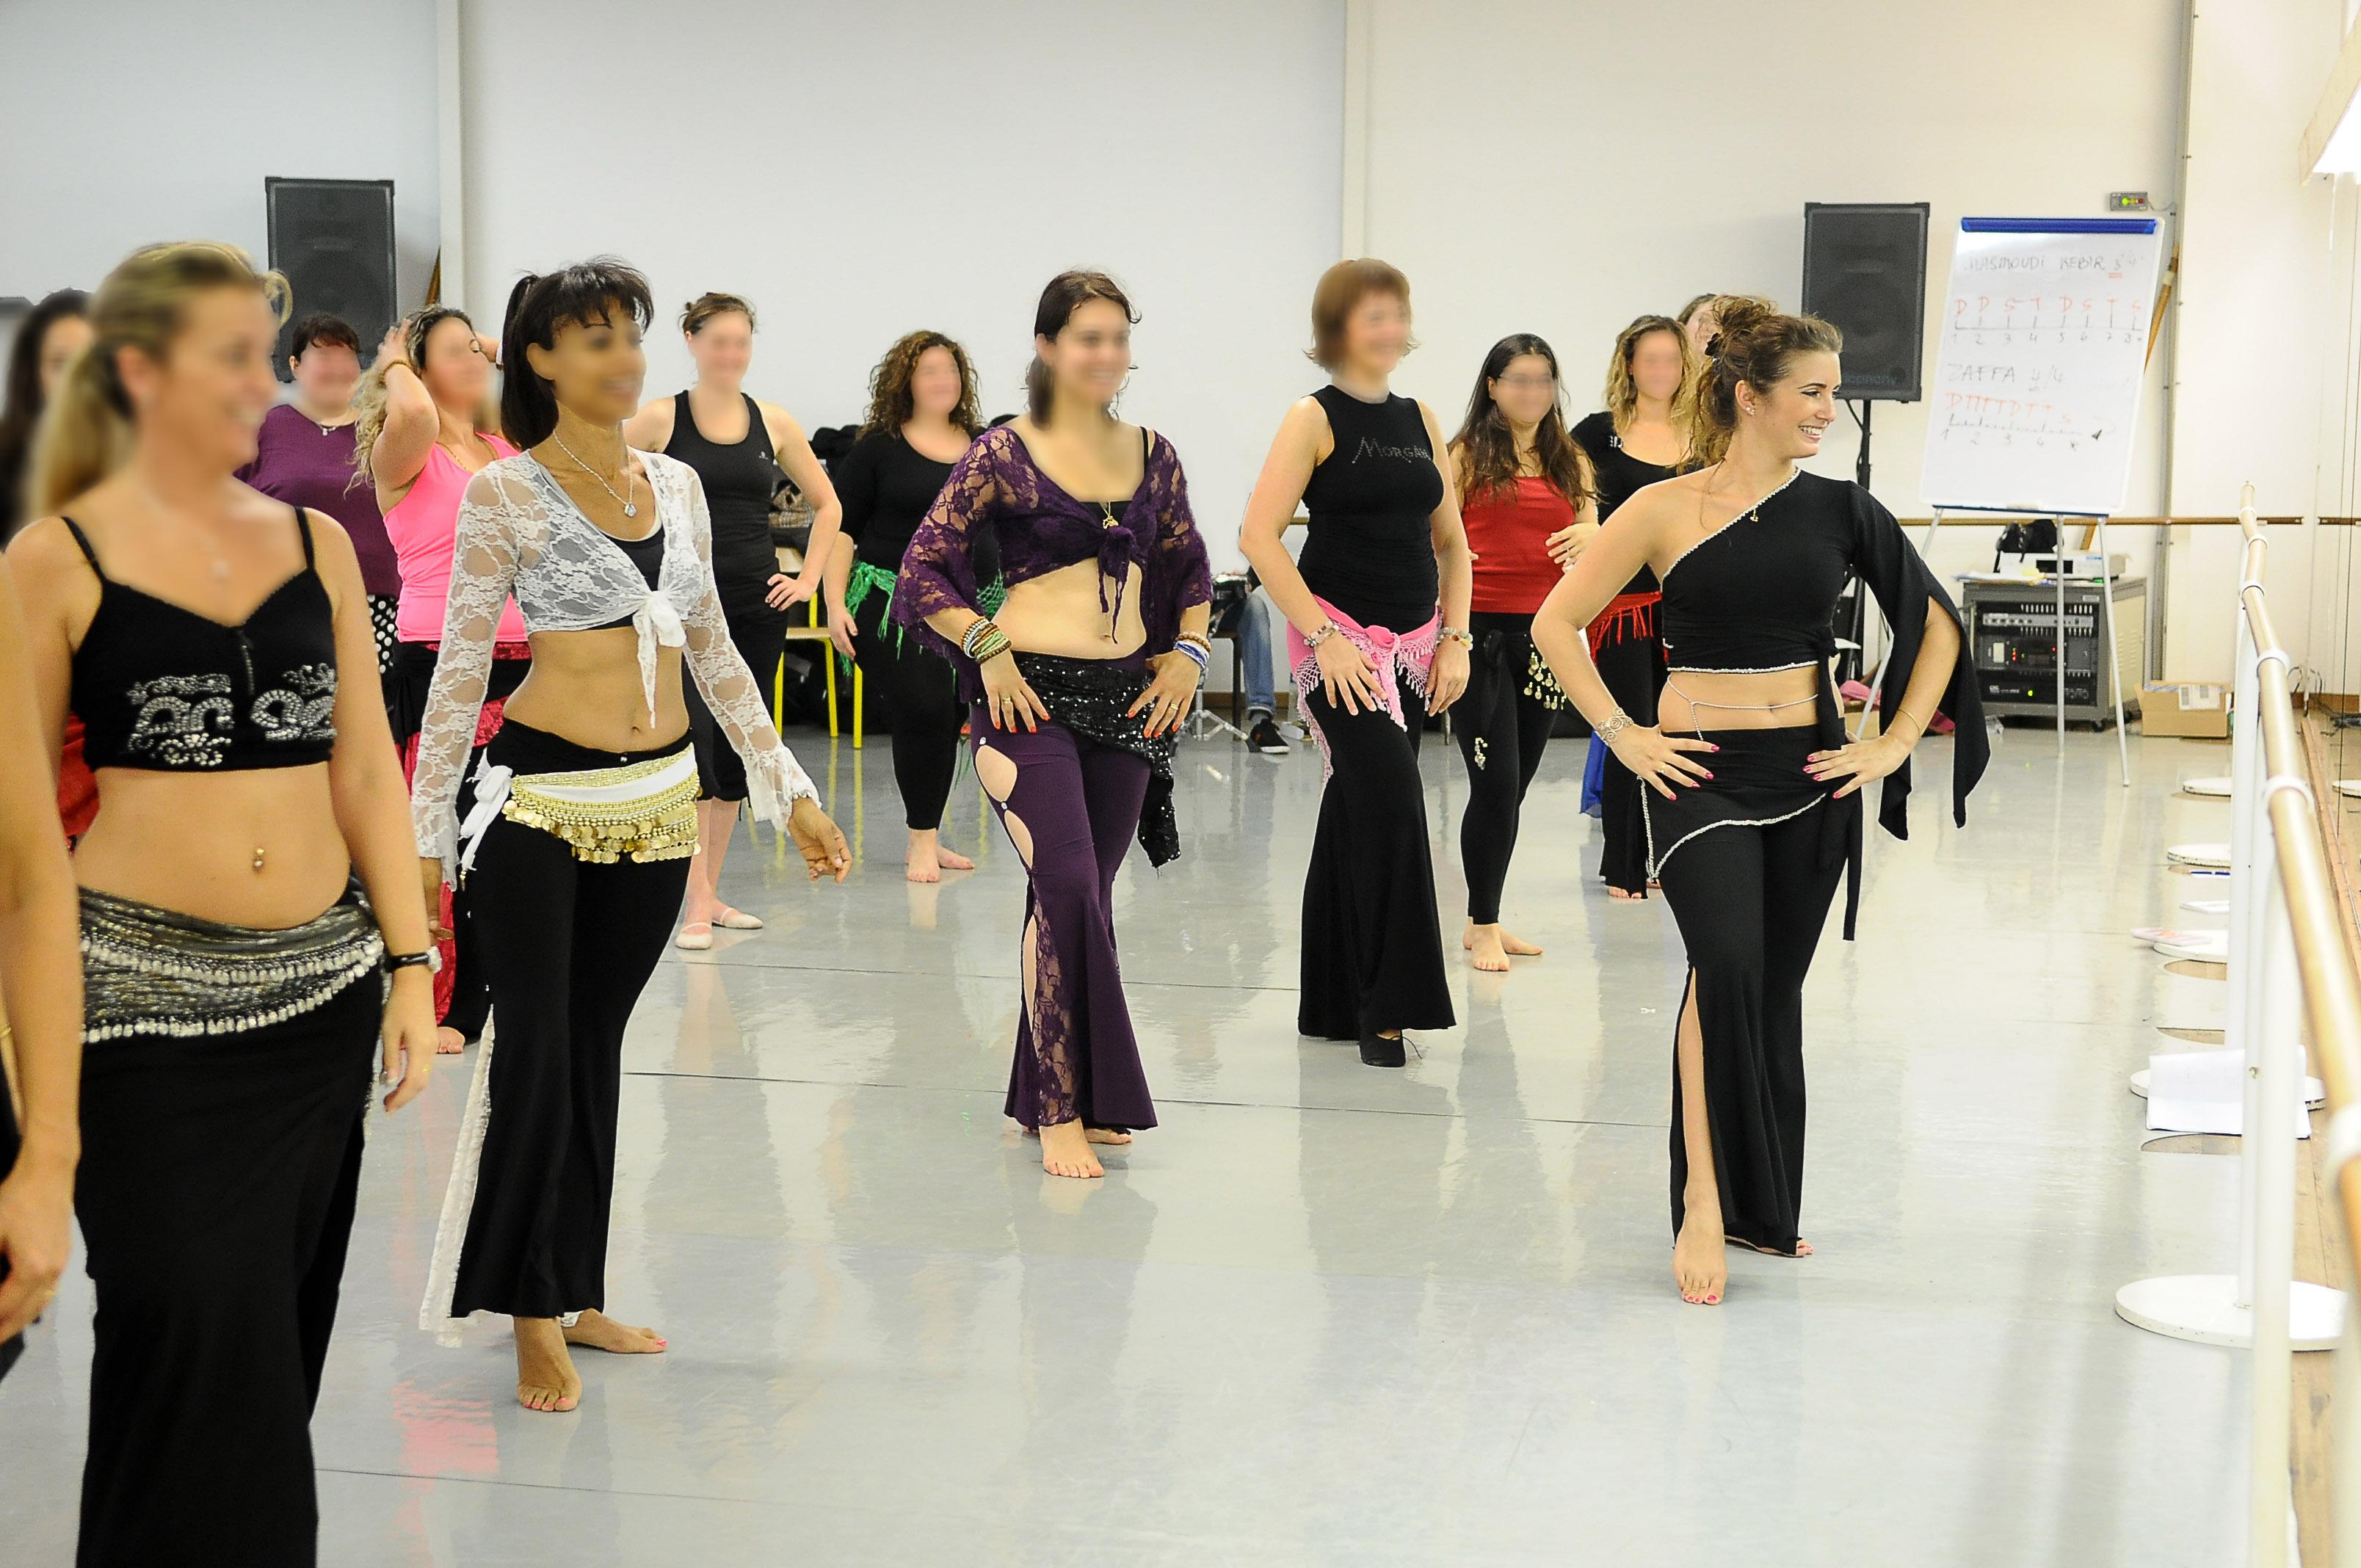 Cours danse orientale Rueil-Malmaison